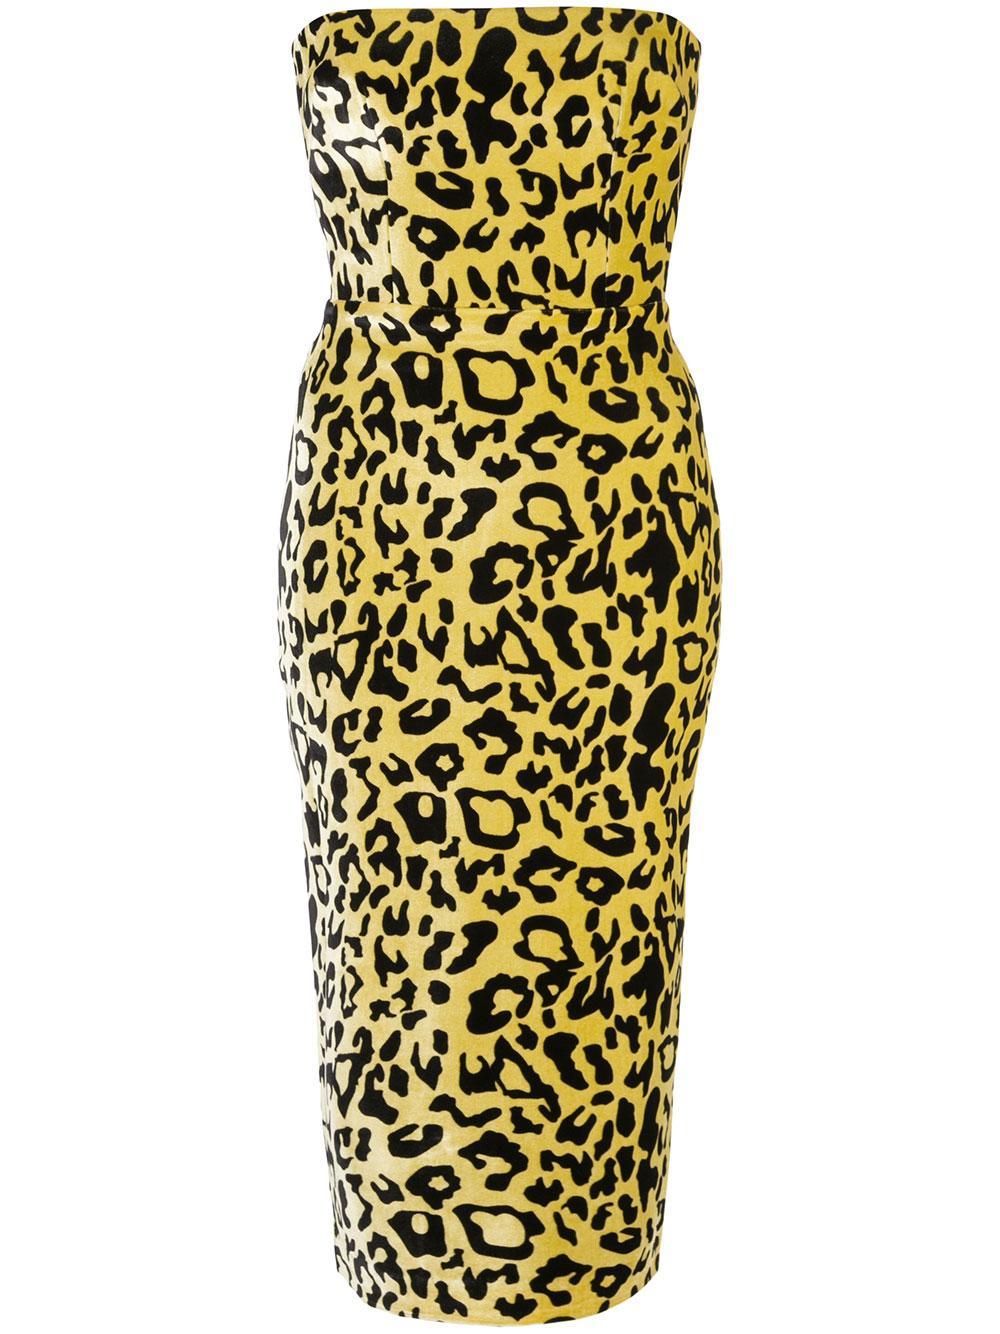 Nolan Velvet Leopard Strapless Dress Item # D561